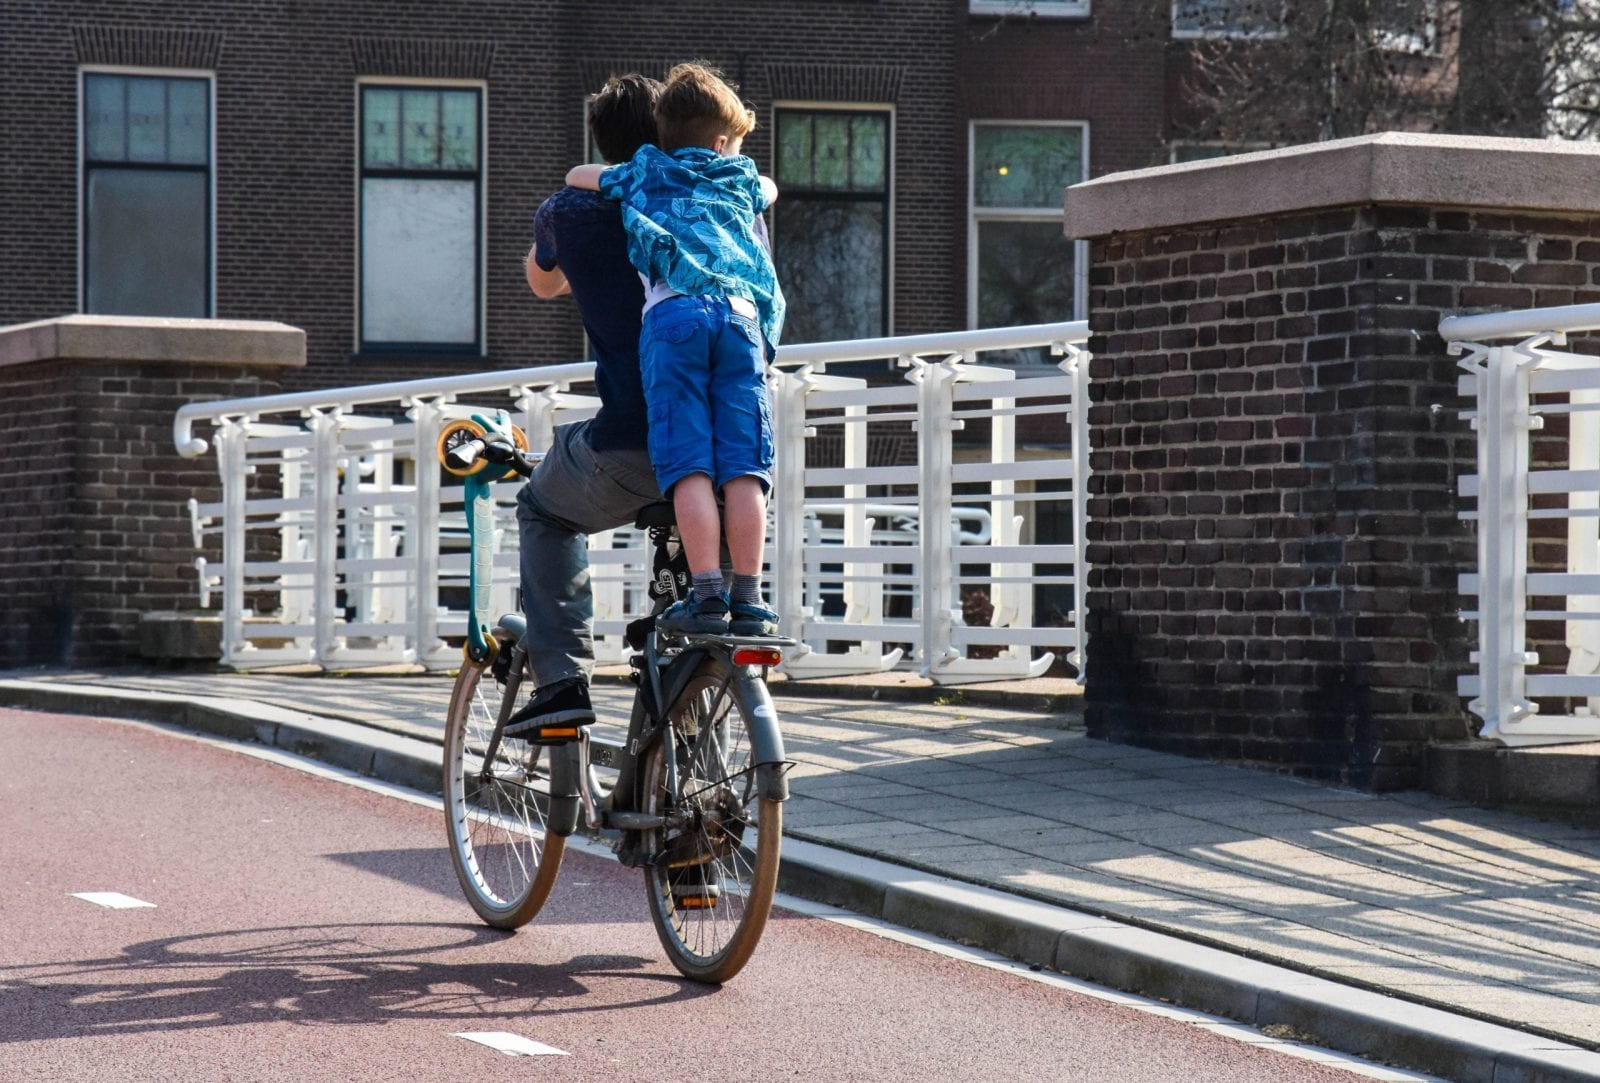 Delft. Netherlands